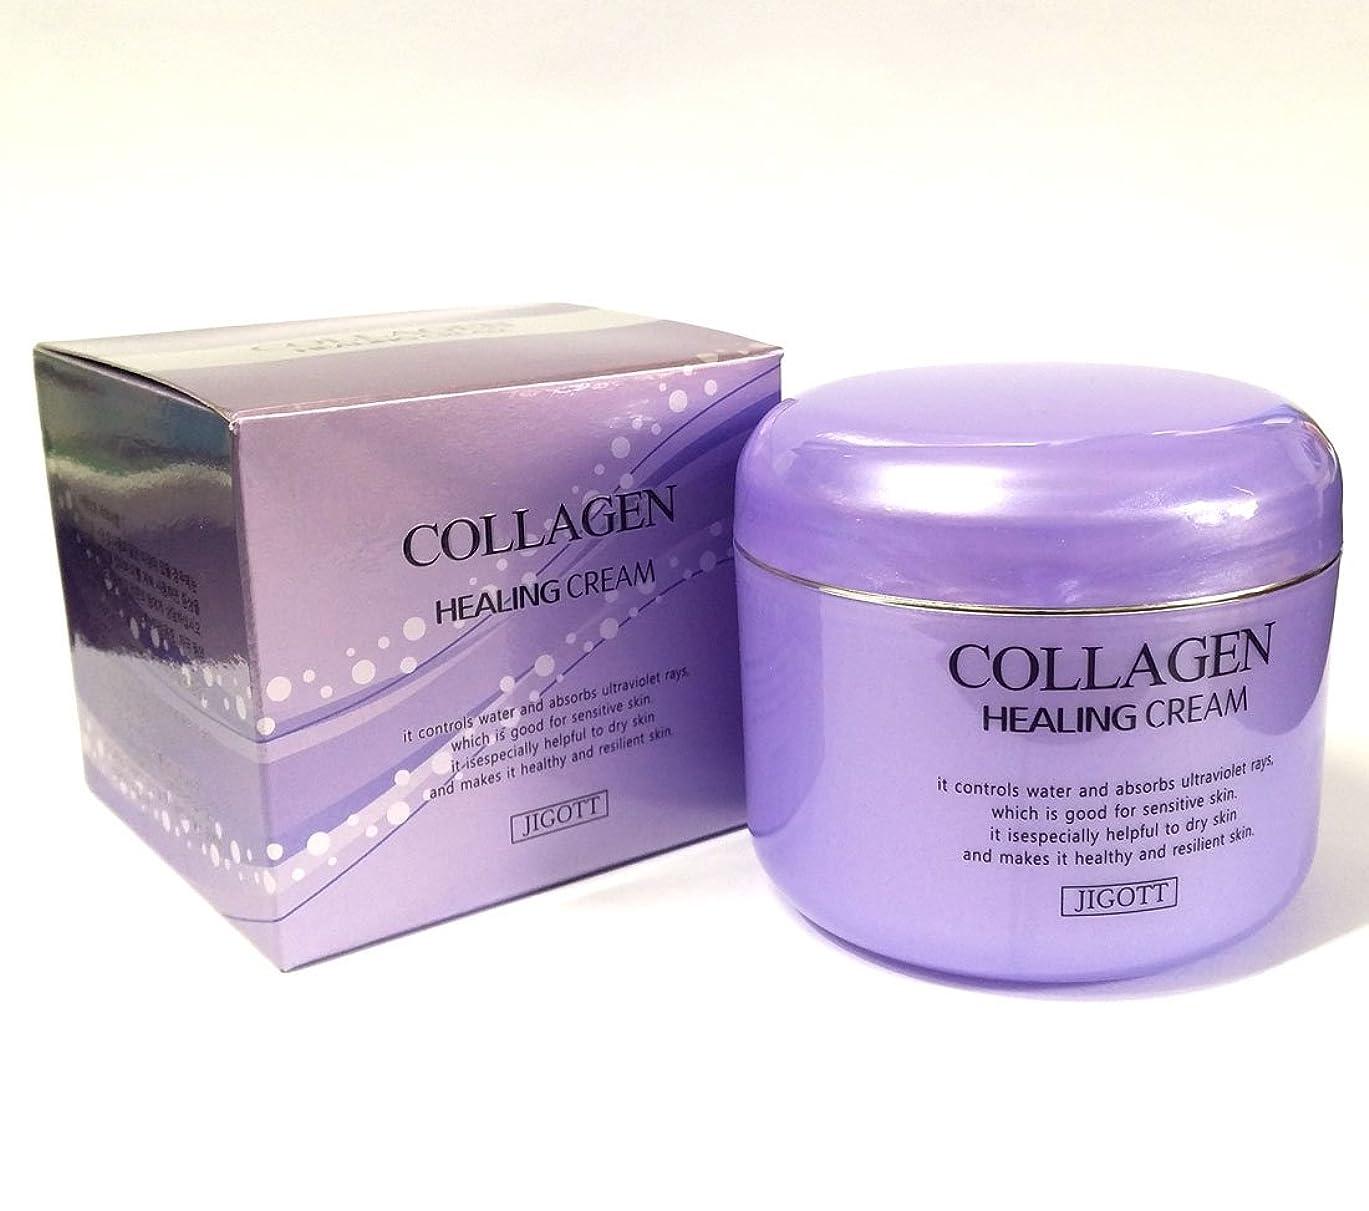 ポータル透明にラビリンス[JIGOTT] コラーゲンヒーリングクリーム100g/Collagen Healing Cream 100g/保湿、栄養/韓国化粧品/moisturizing,nourishing/Korean Cosmetics (1EA) [並行輸入品]